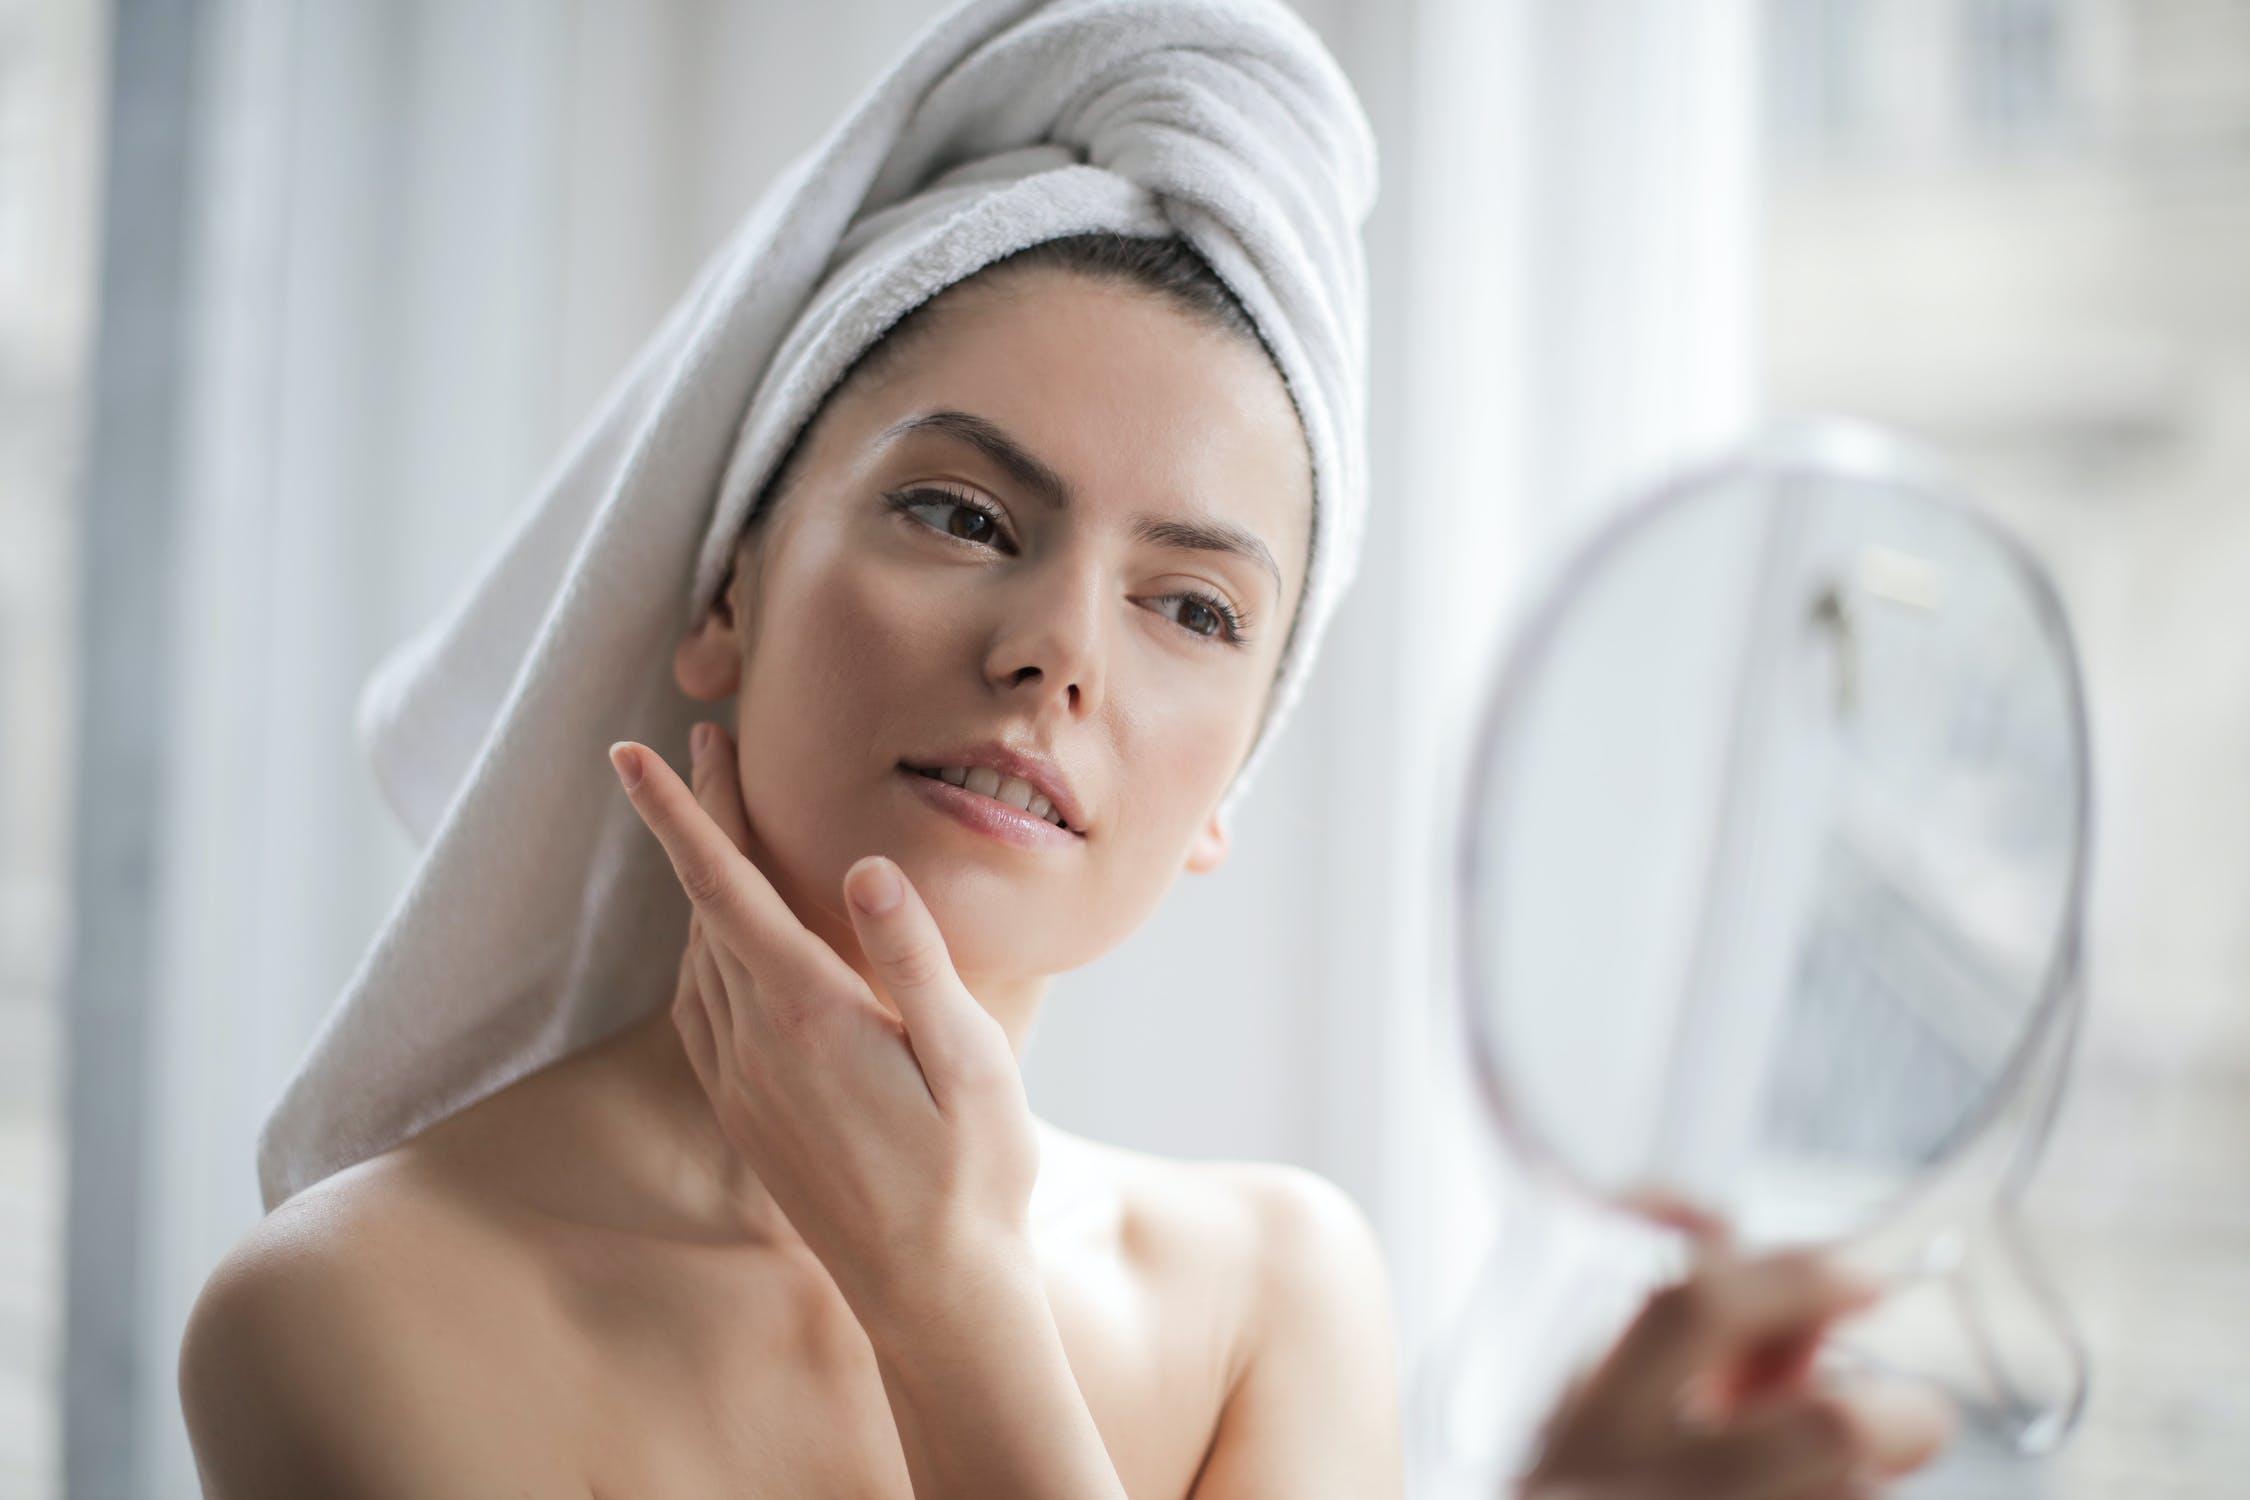 cô gái cầm gương sử dụng mặt nạ